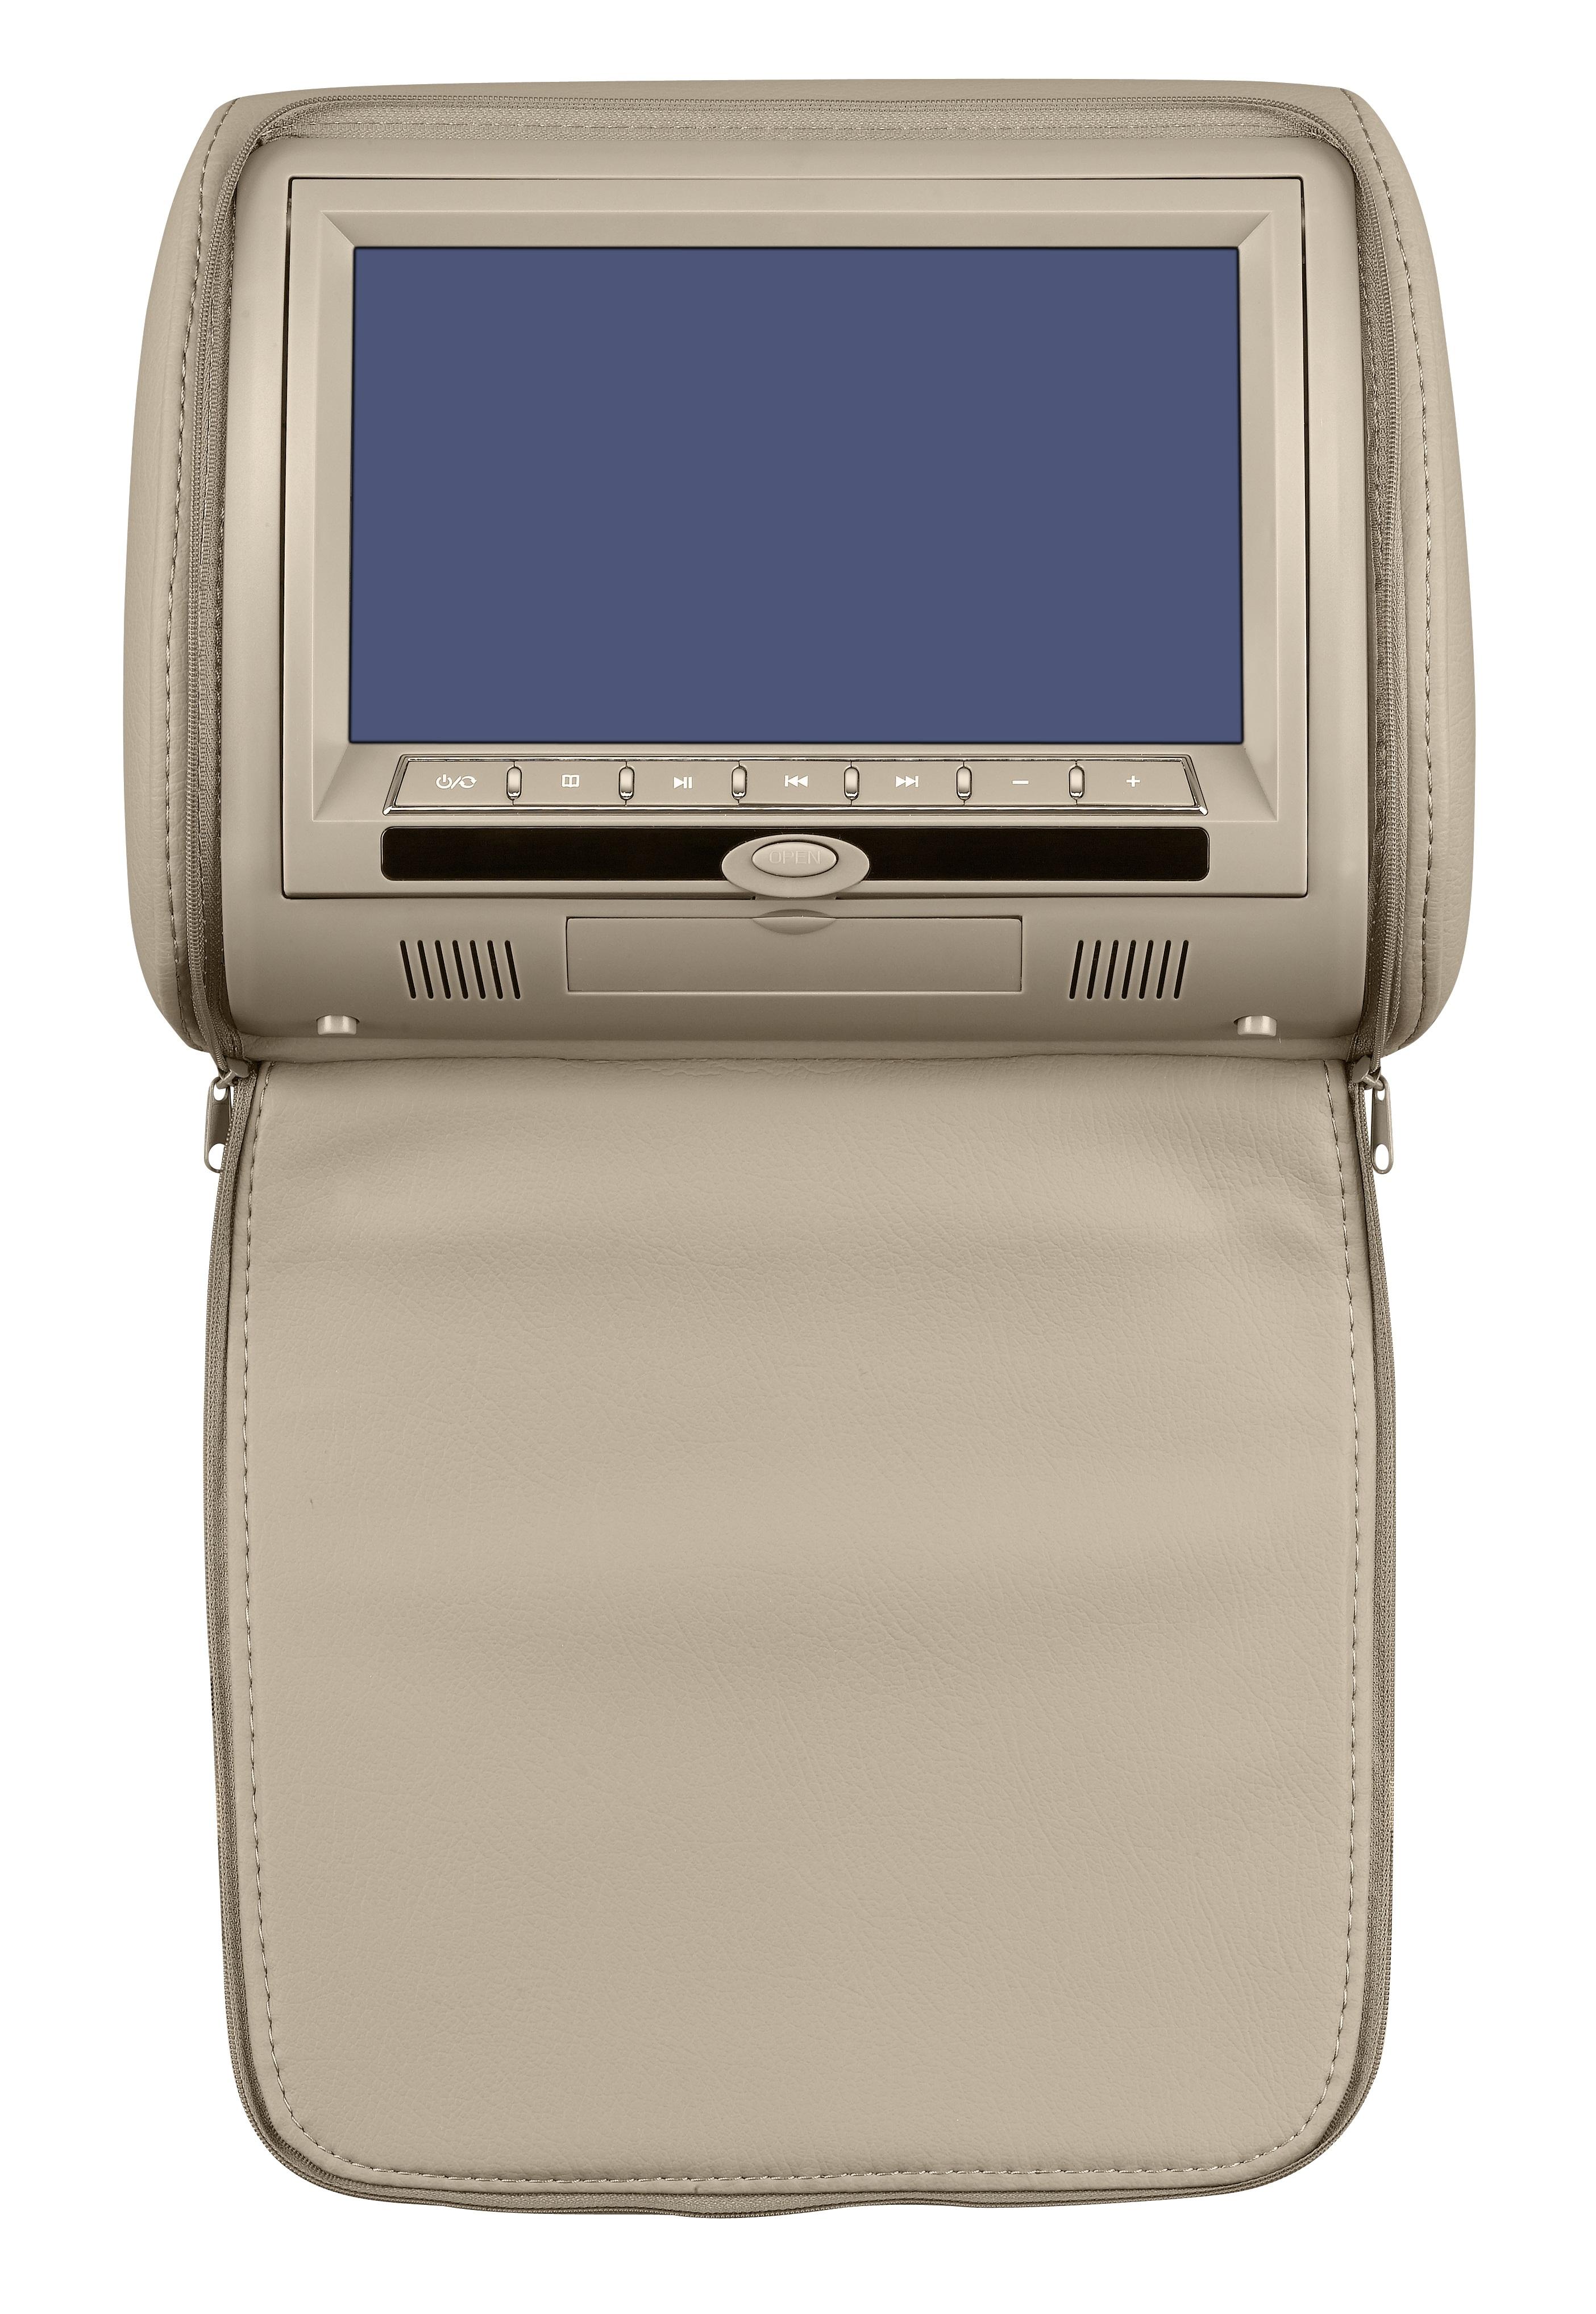 Подголовник с монитором 9 и встроенным DVD плеером FarCar-Z009 (Grey) подголовник с монитором 9 и встроенным dvd плеером farcar z009 black